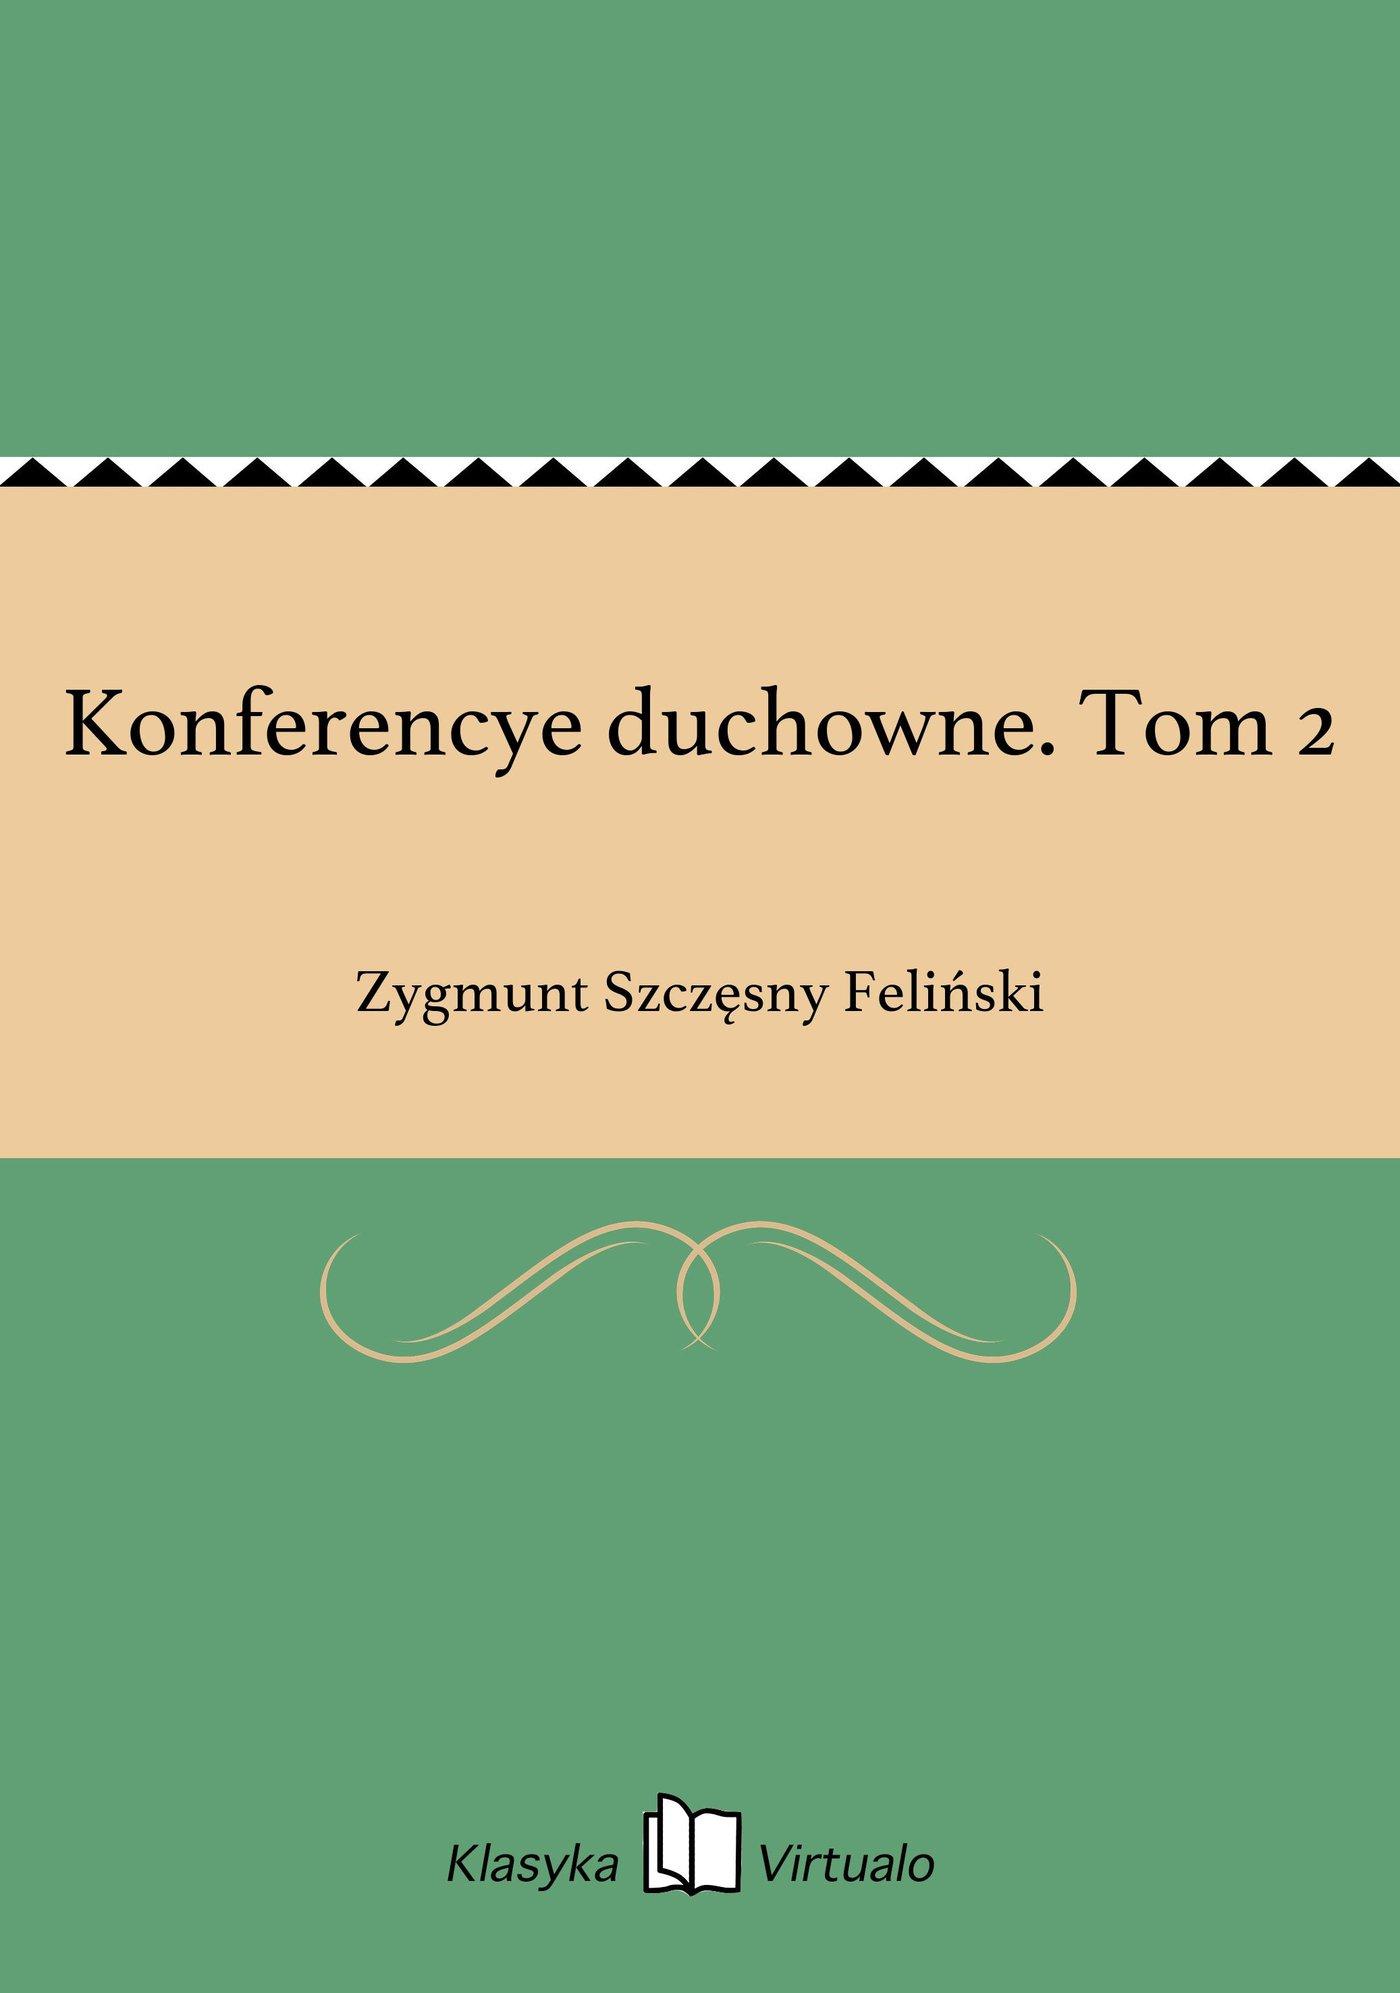 Konferencye duchowne. Tom 2 - Ebook (Książka EPUB) do pobrania w formacie EPUB